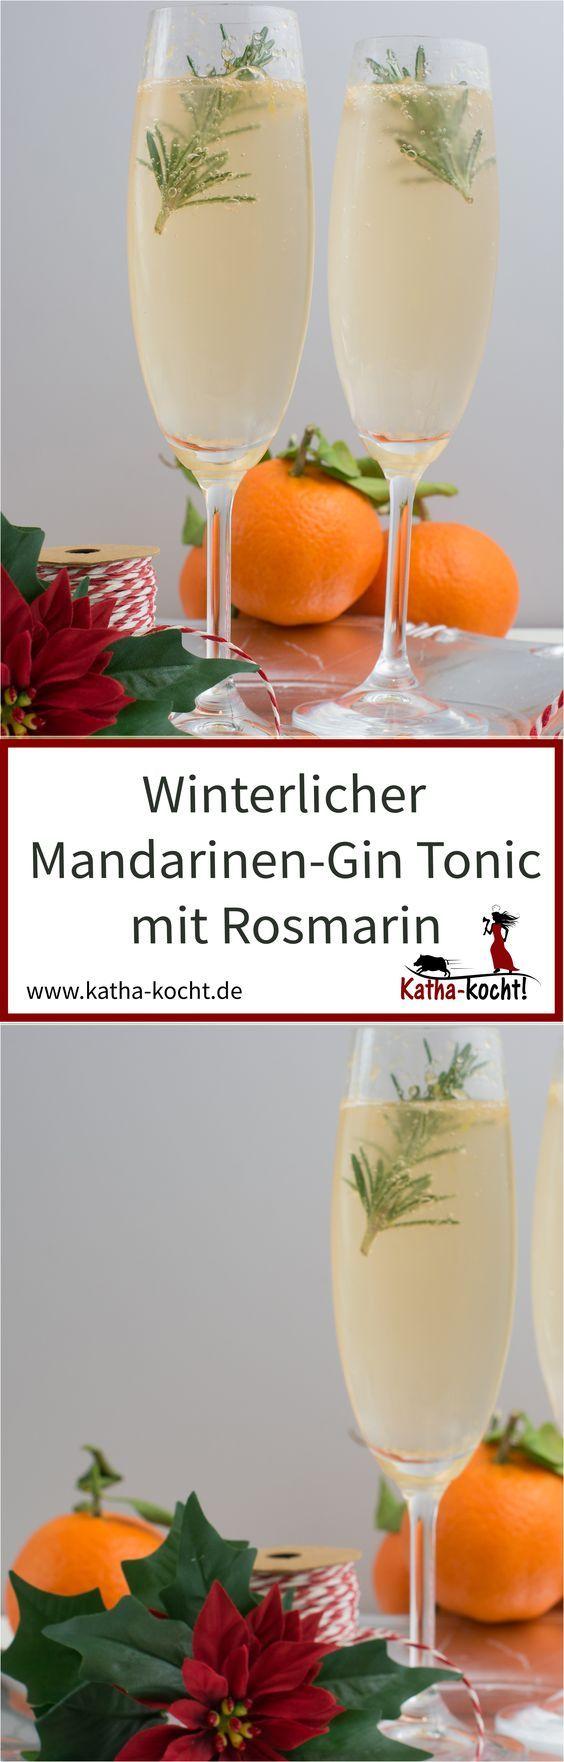 Winterlicher Mandarinen-Gin Tonic mit Rosmarin - Katha-kocht! #bestgincocktails